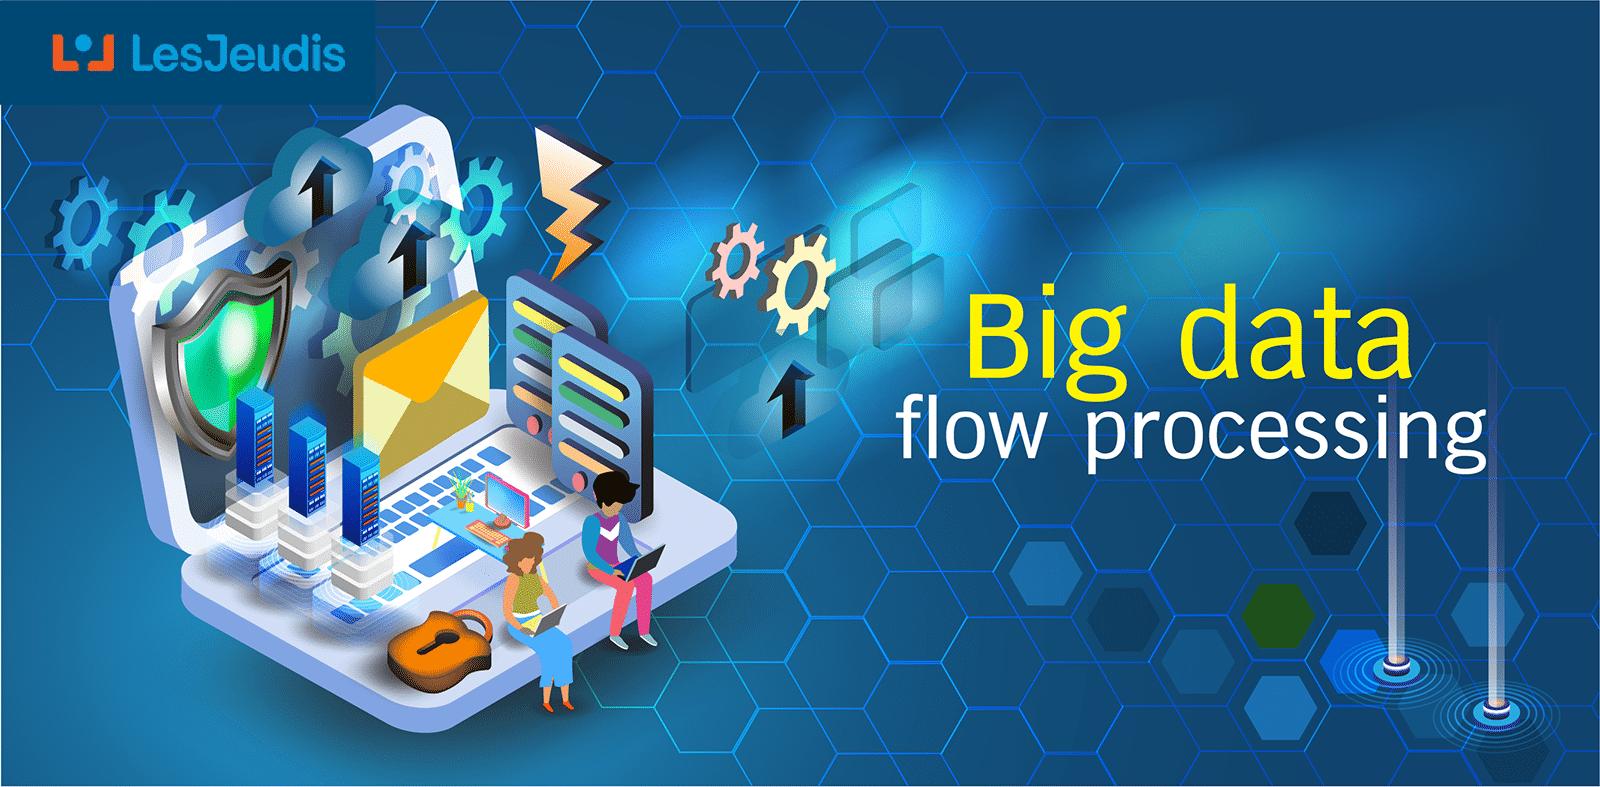 Marketing Big data